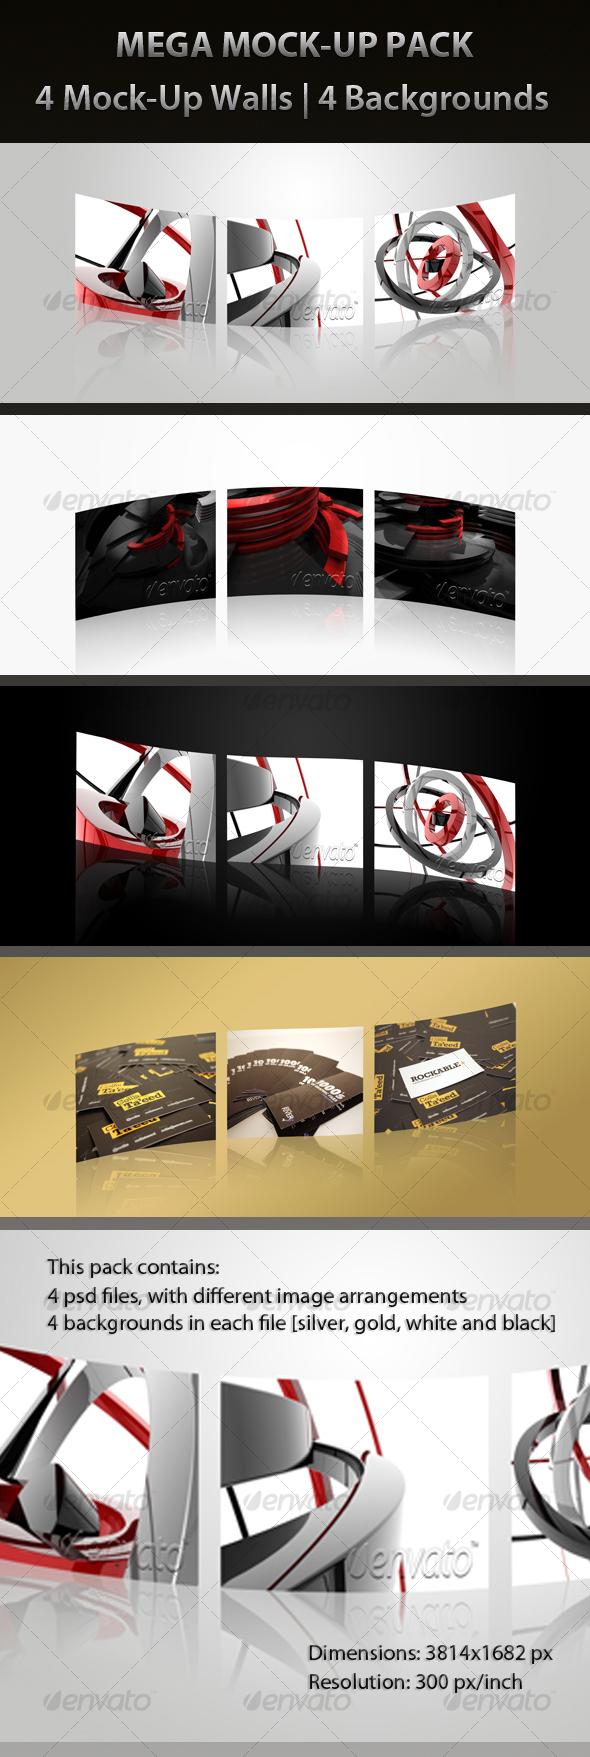 GraphicRiver MEGA MOCK-UP PACK 86916